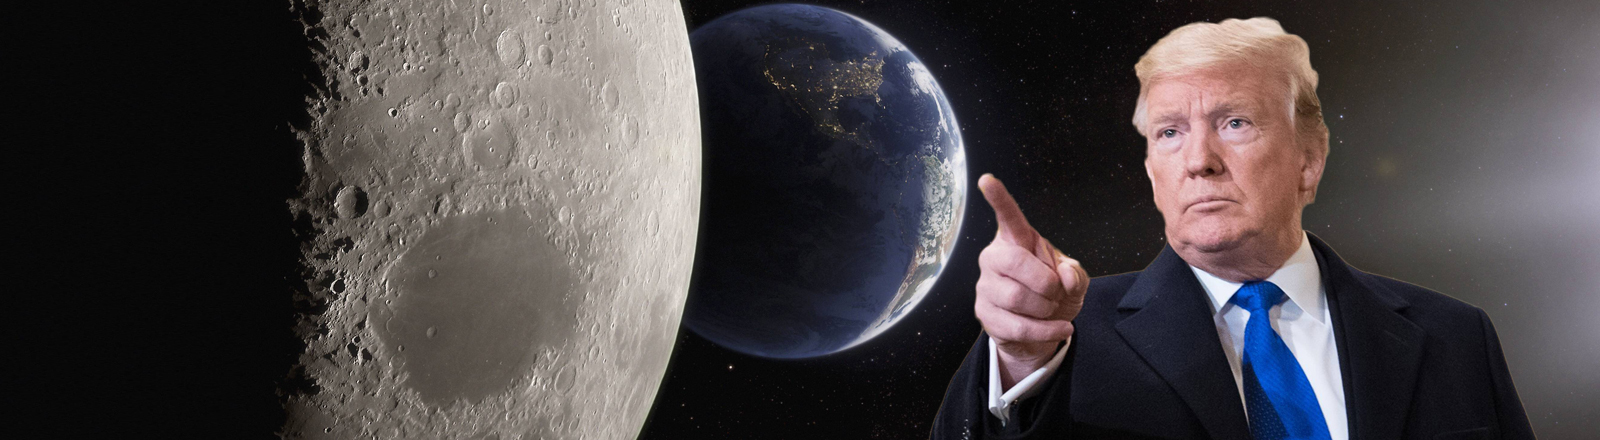 Donald Trump zeigt Richtung Mond.